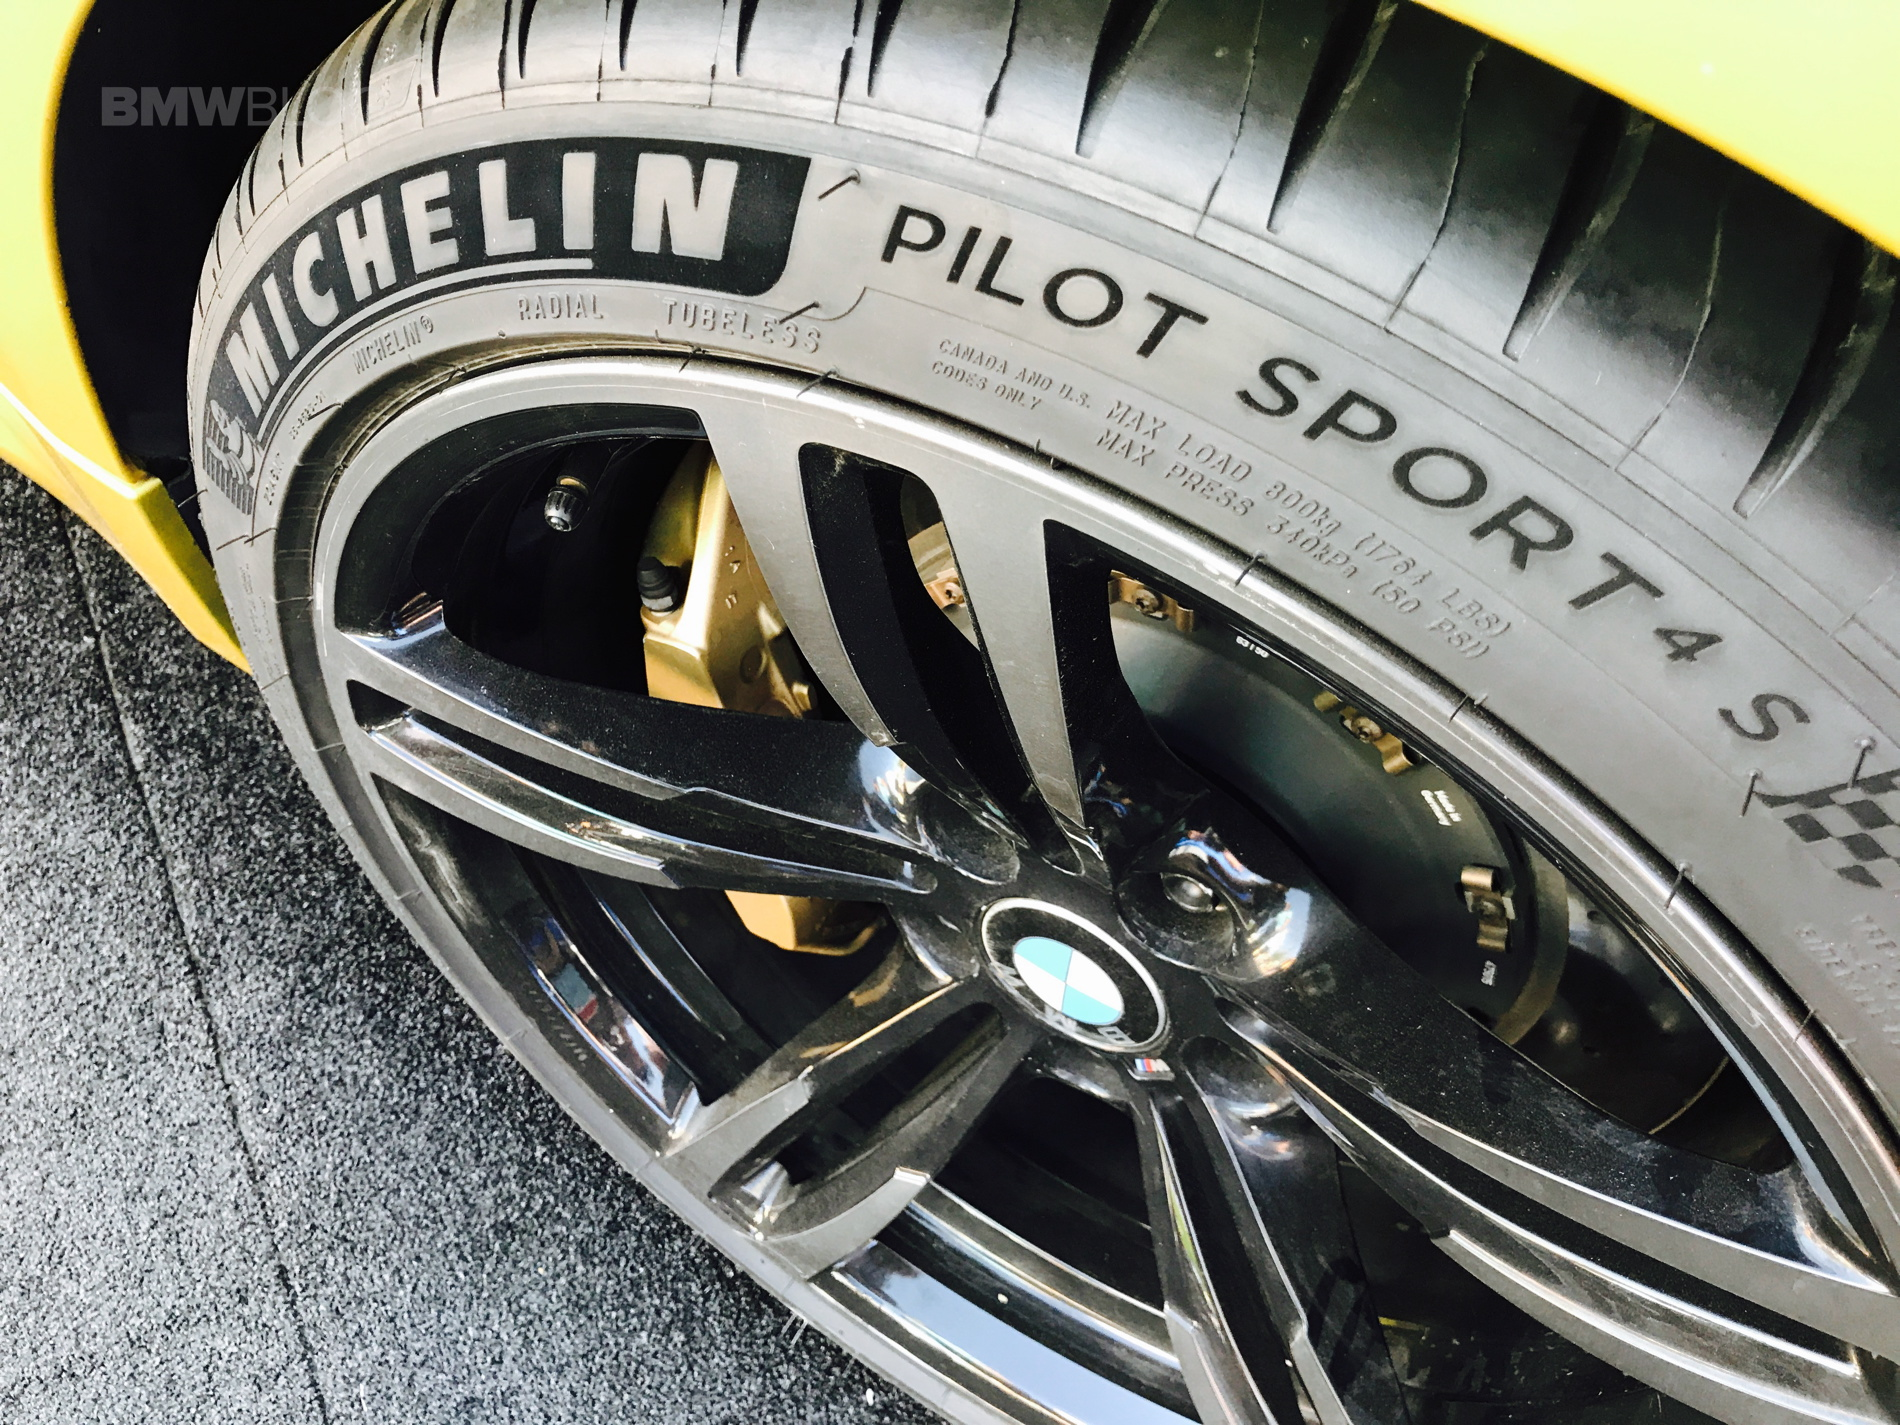 Michelin Le Mans 24 hrs 59